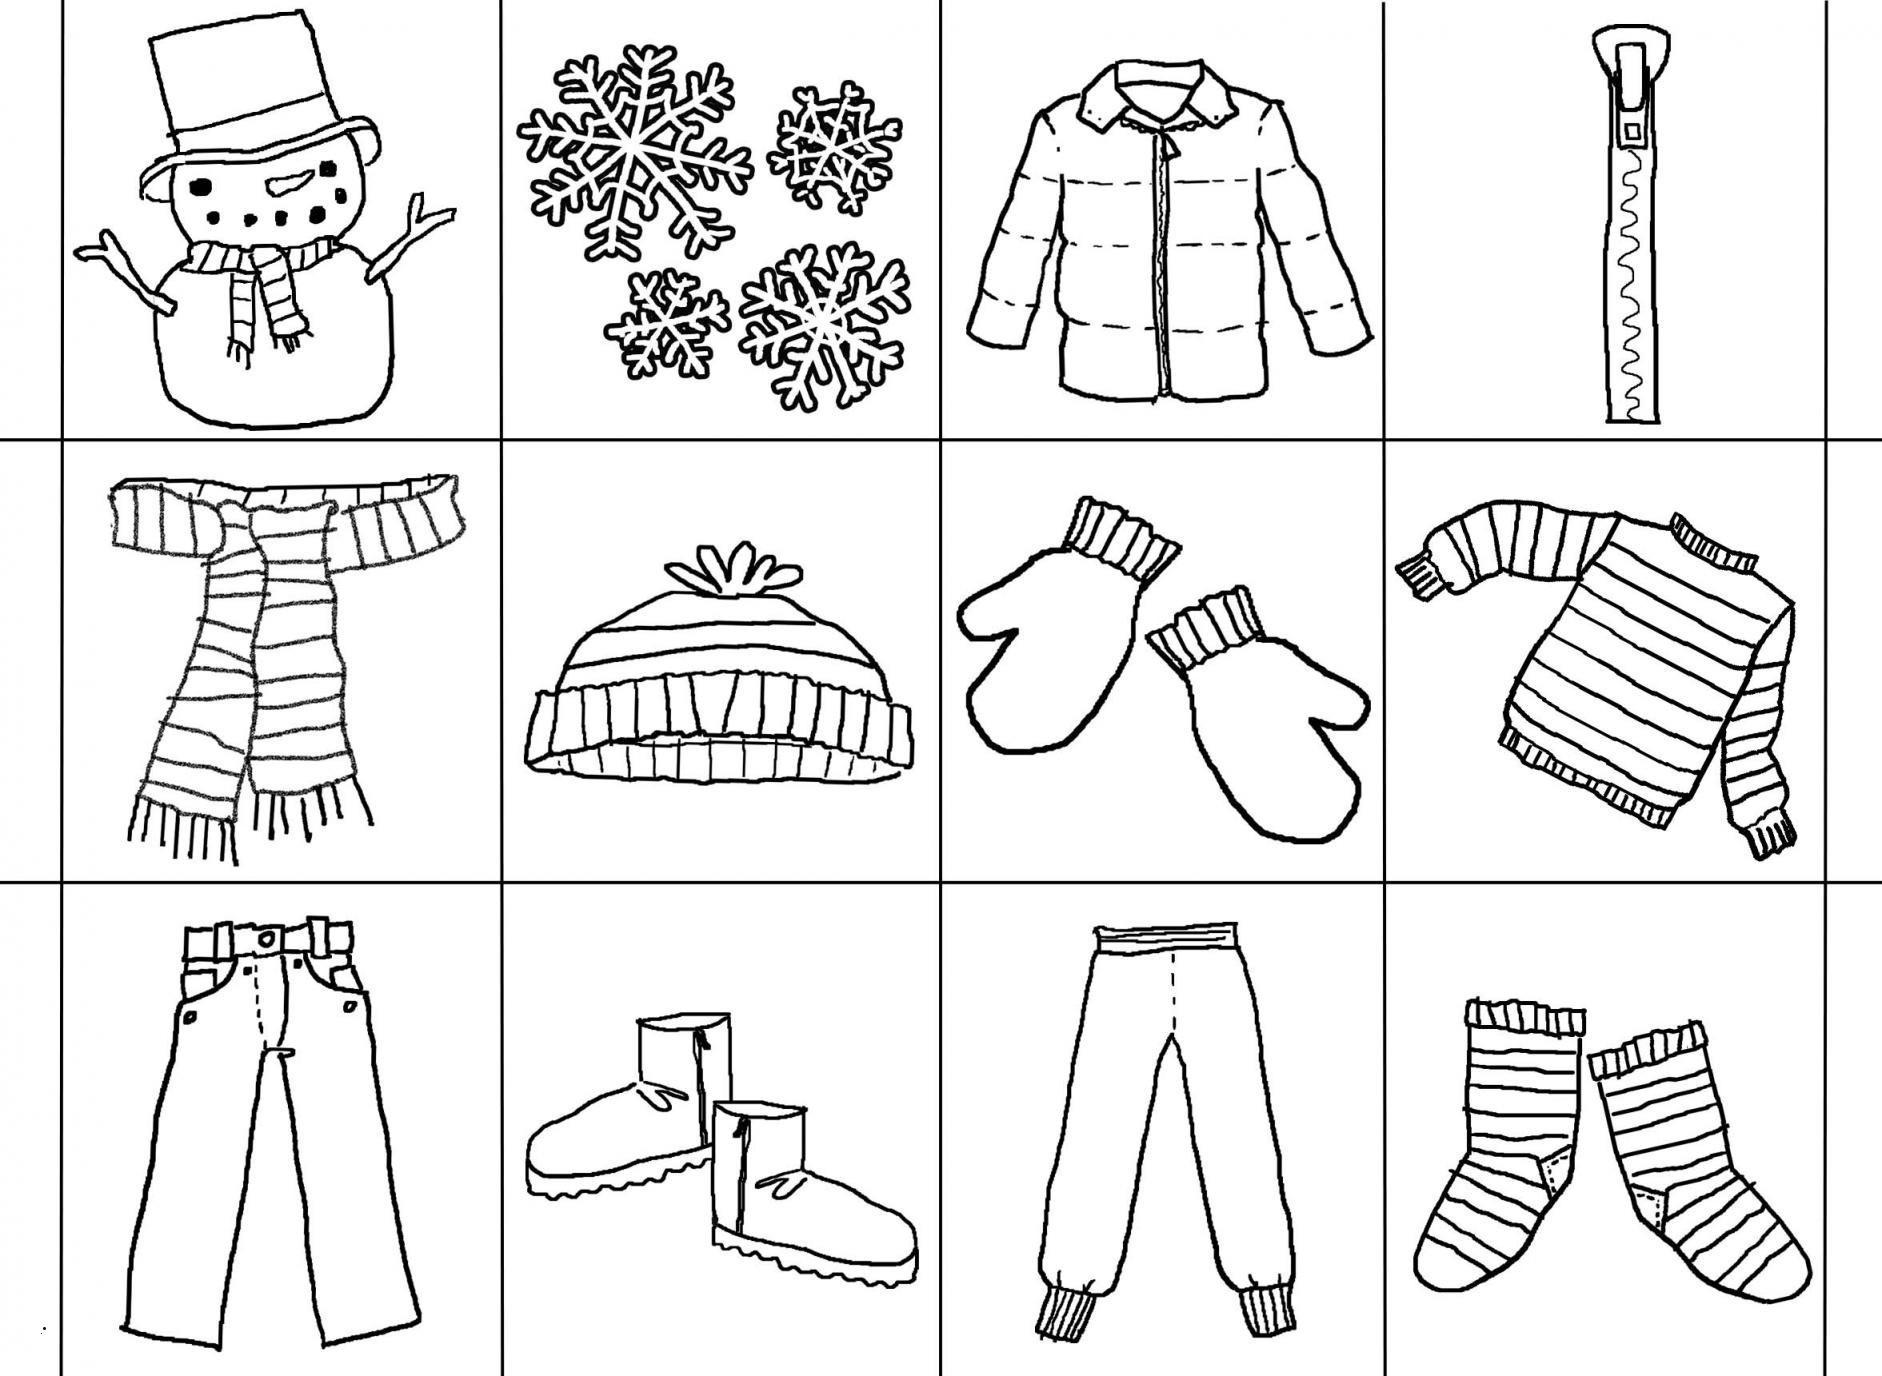 Ausmalbilder Schule Zum Ausdrucken Frisch 48 Idee Coole Ausmalbilder Zum Ausdrucken Treehouse Nyc Galerie